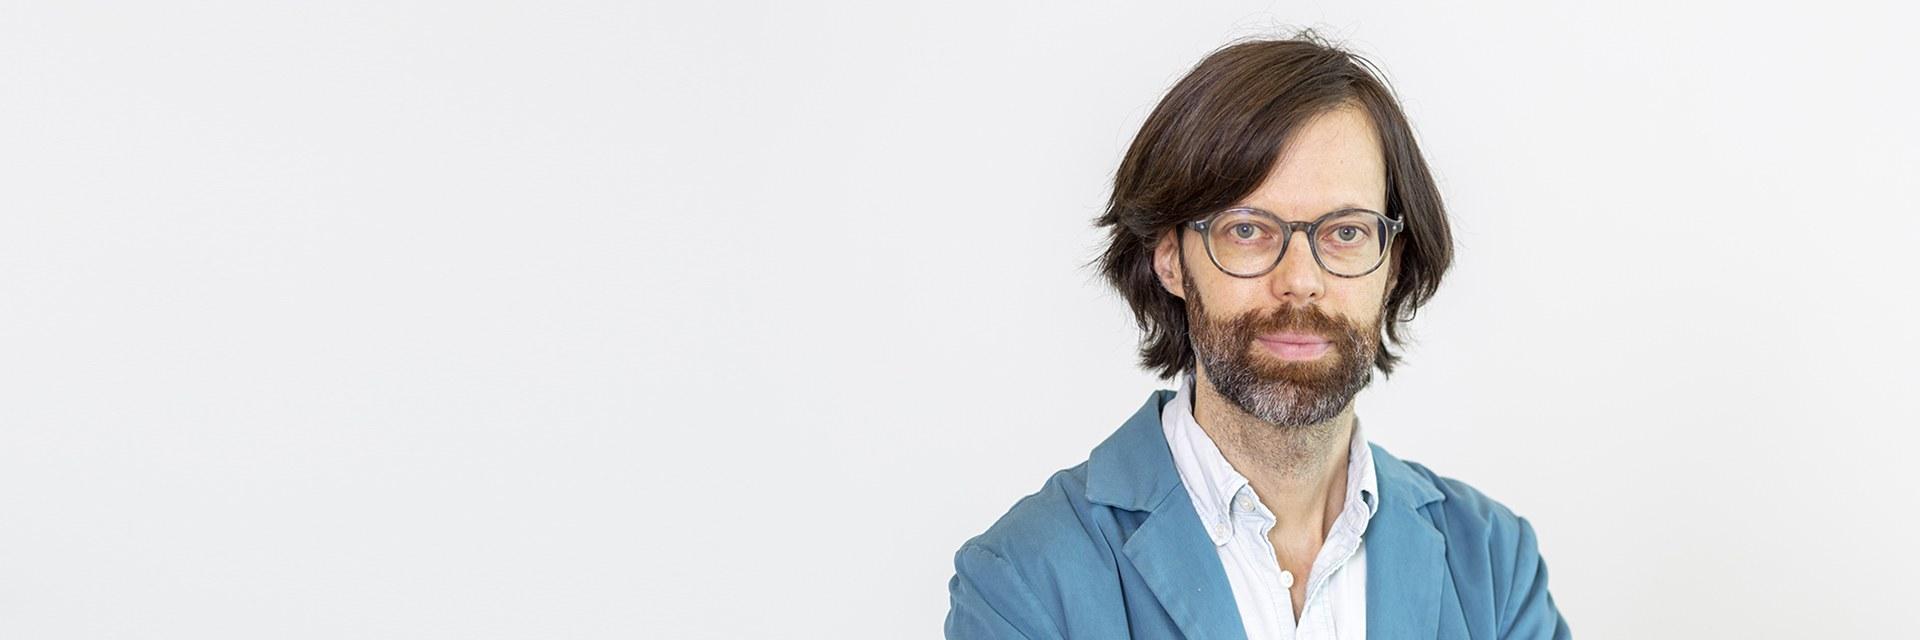 Dr. Benjamin Adler